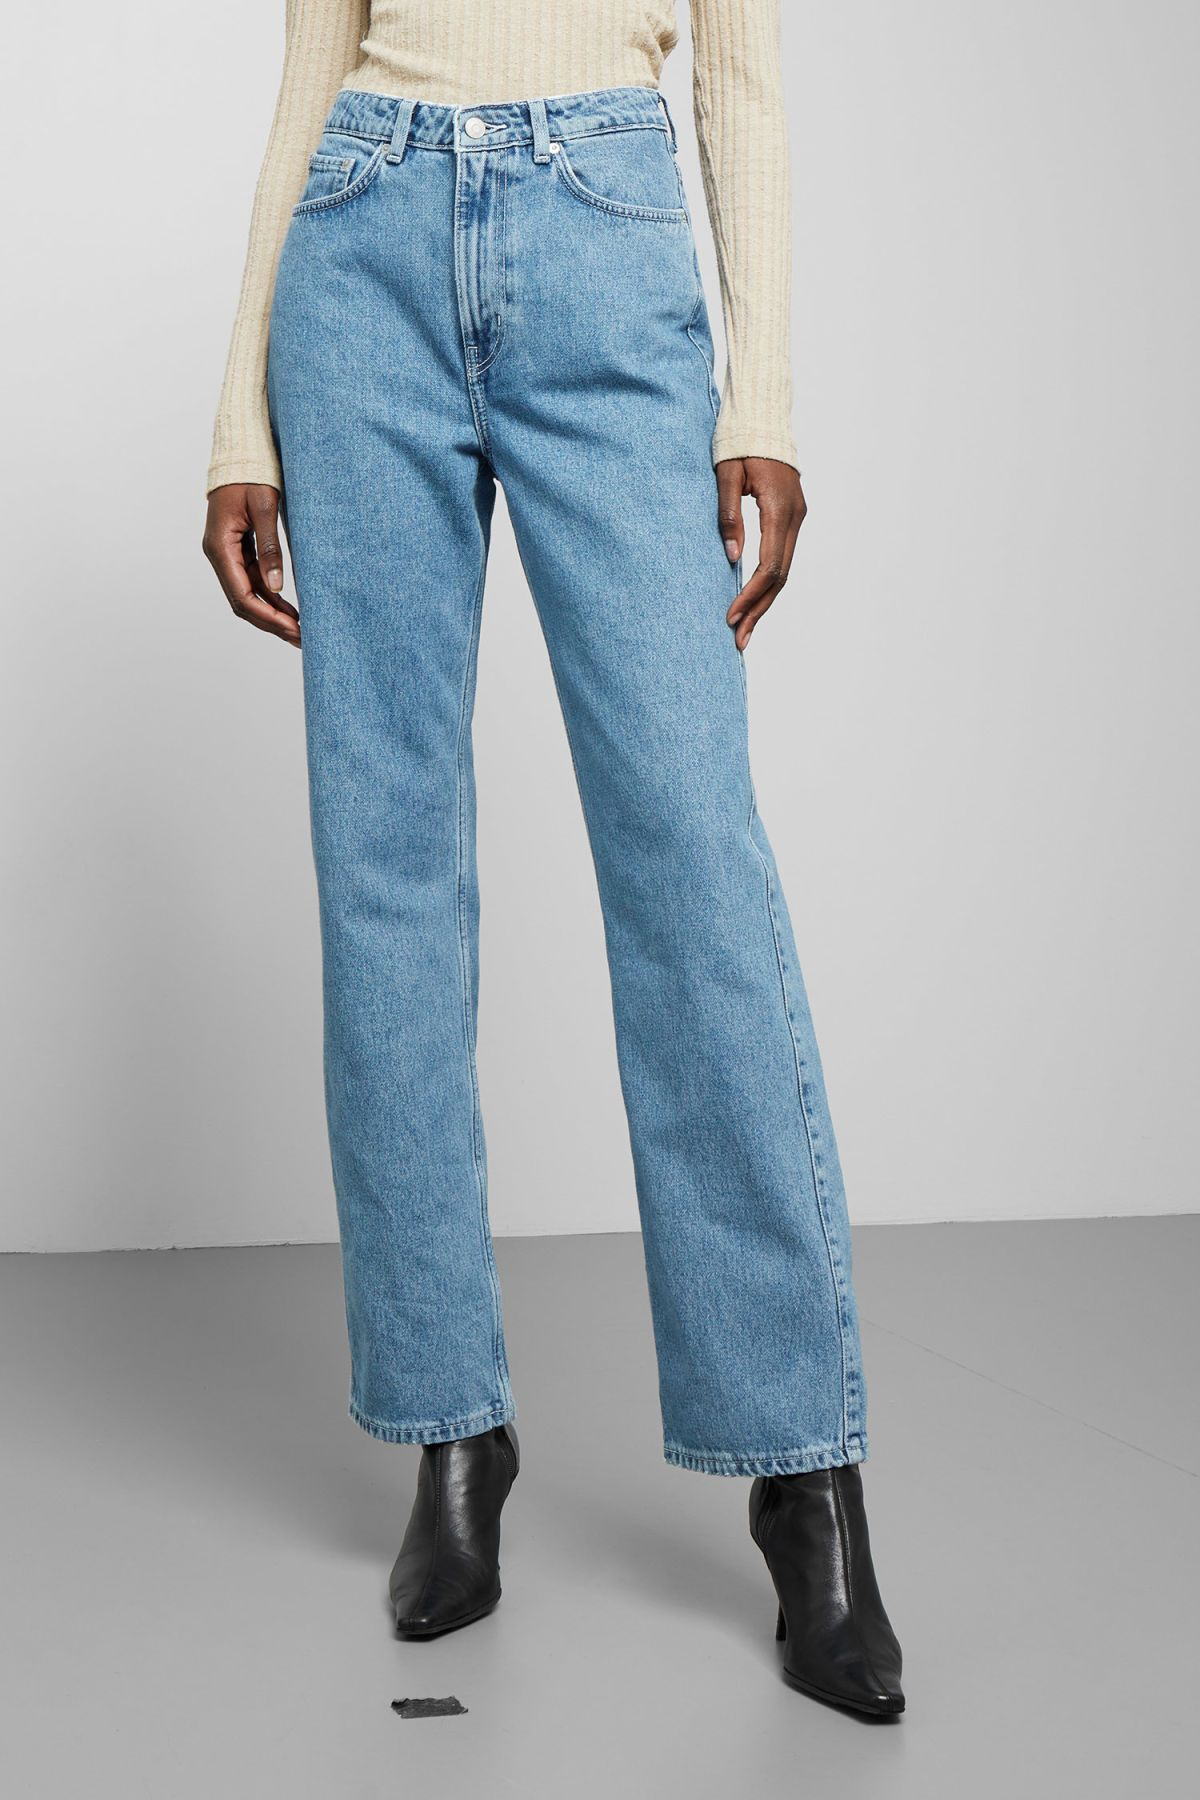 Row Sky Blue Jeans